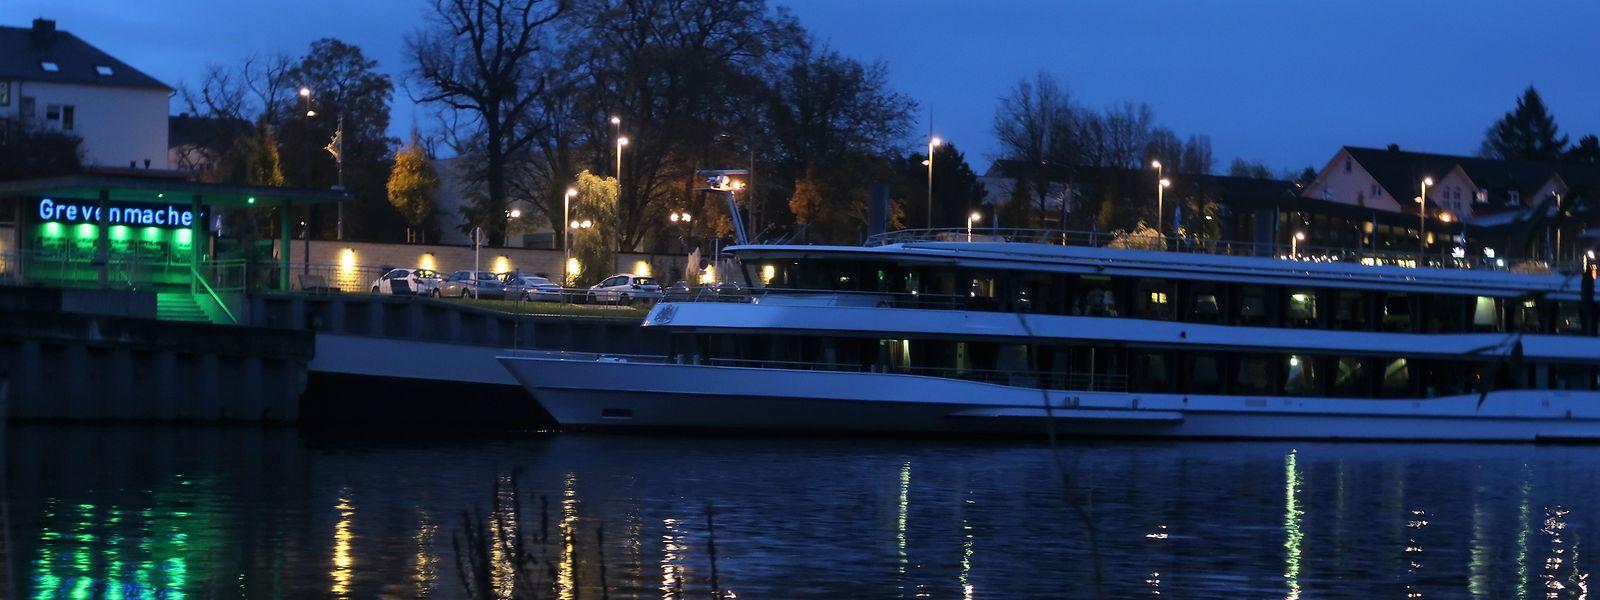 Bei Dunkelheit können die Gäste die Ortschaften an der Mosel vom Wasser aus bewundern.